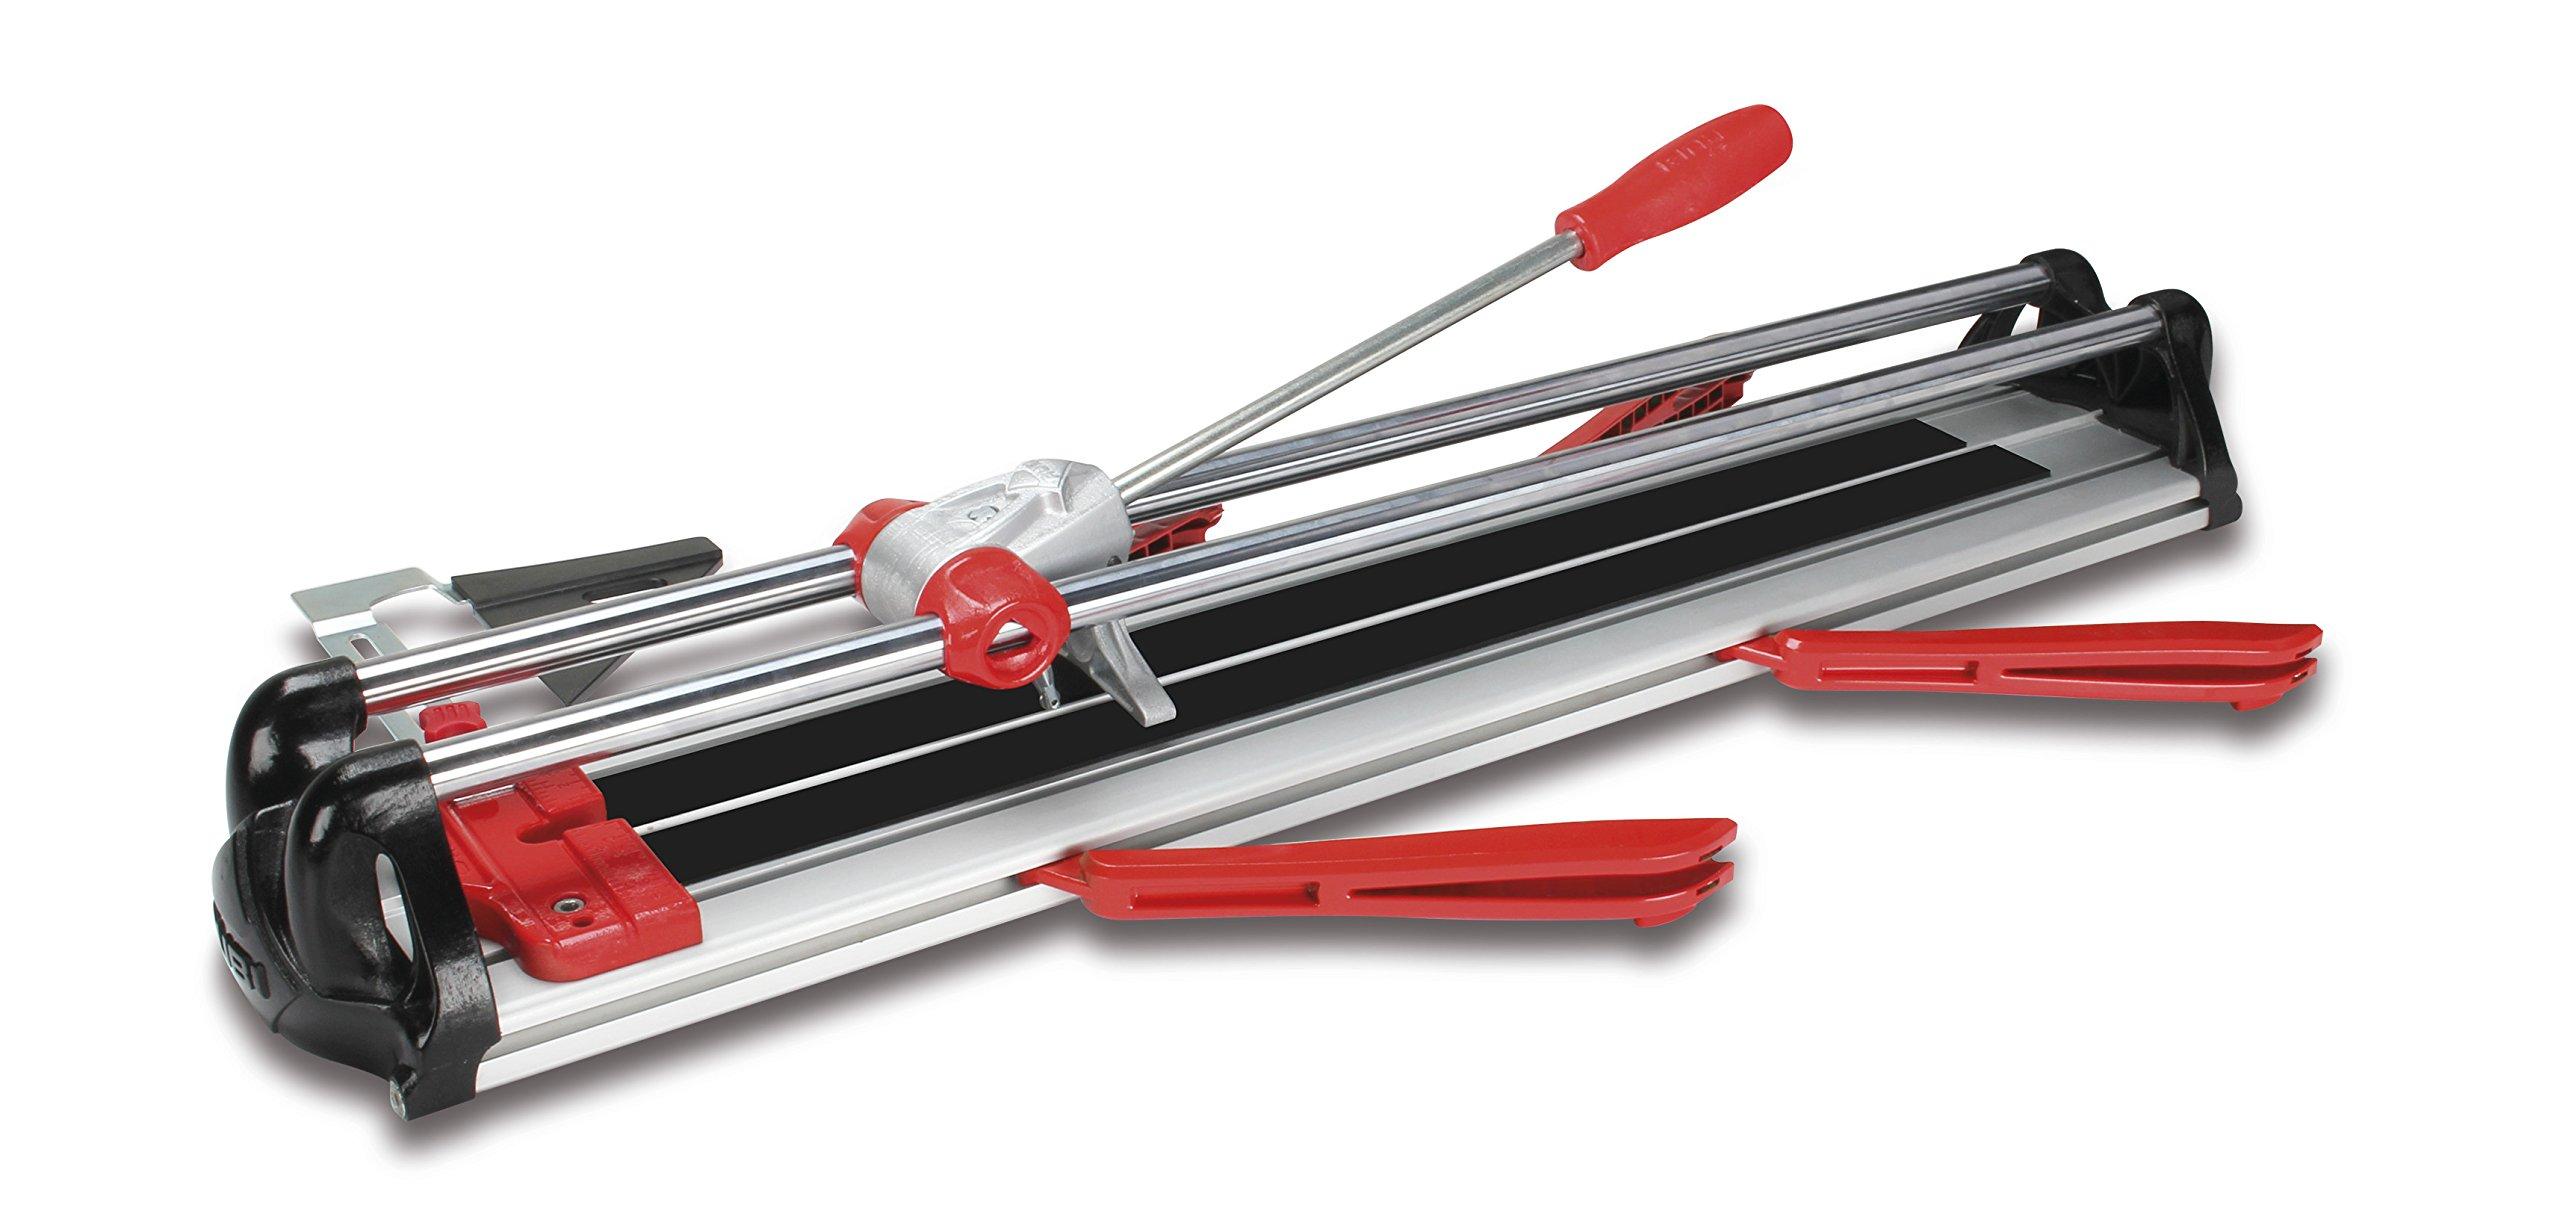 RUBI TOOLS FAST-65 Tile Cutter 26'' Cut Ref.13940